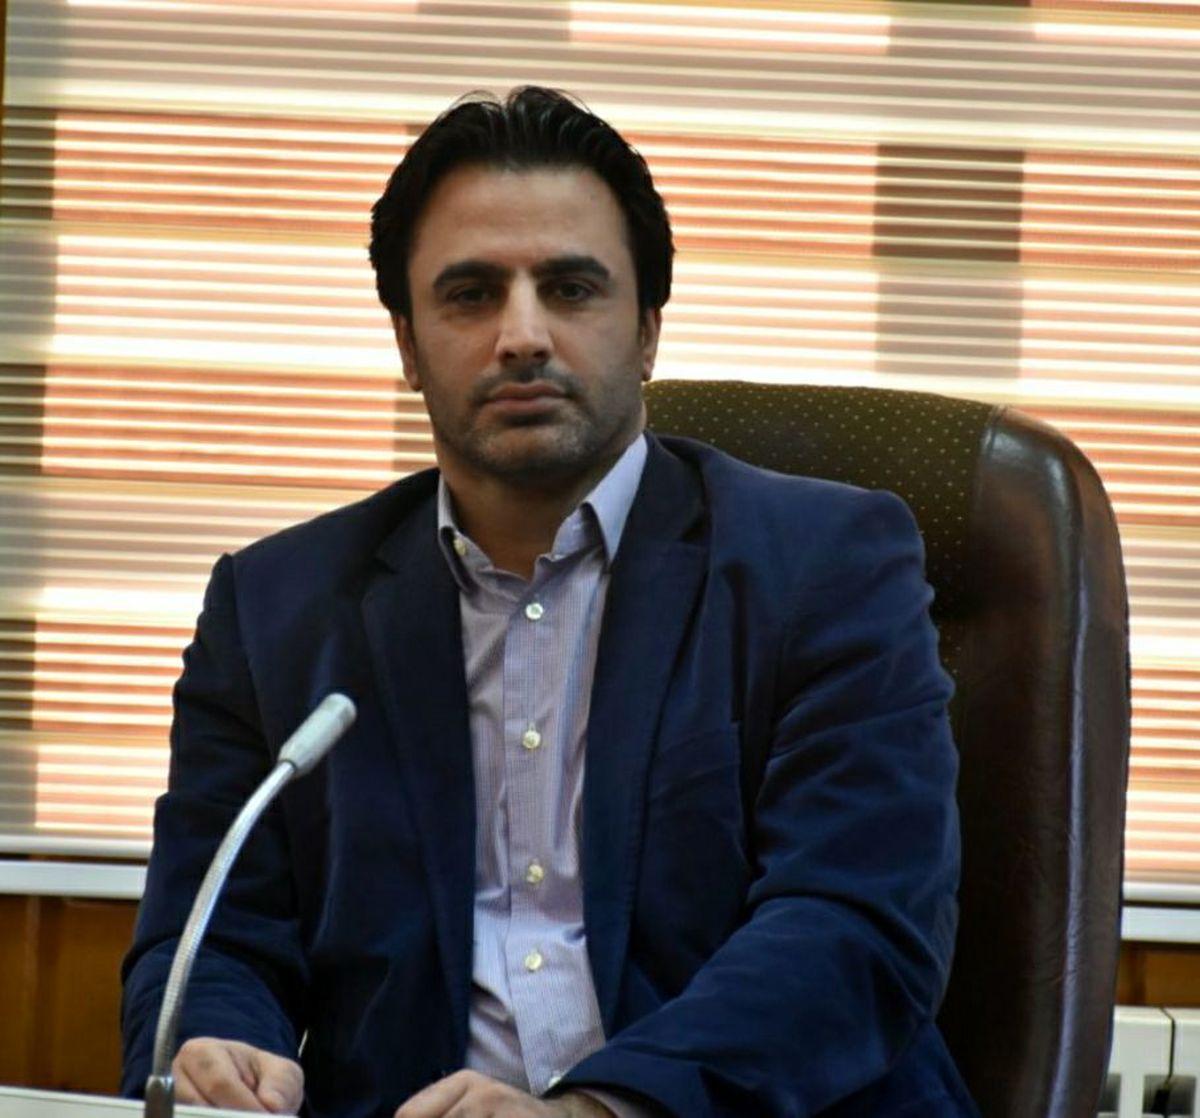 عملیات اورهال پالایشگاه کرمانشاه با موفقیت انجام شد